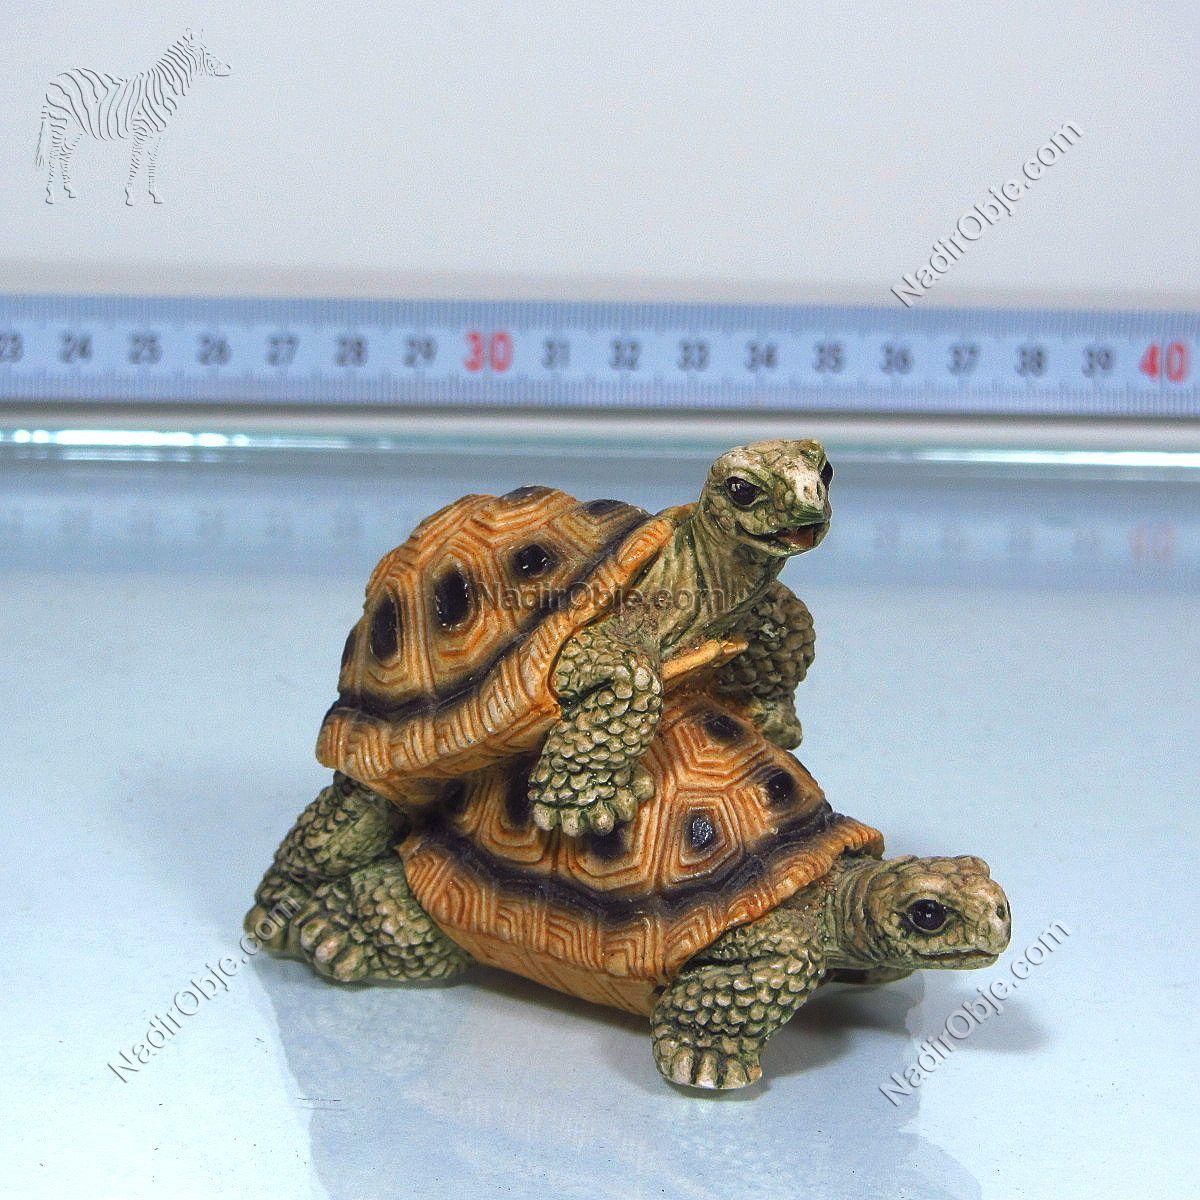 Çiftleşen Kaplumbağalar Plastik-Polyester Objeler Çiftleşme